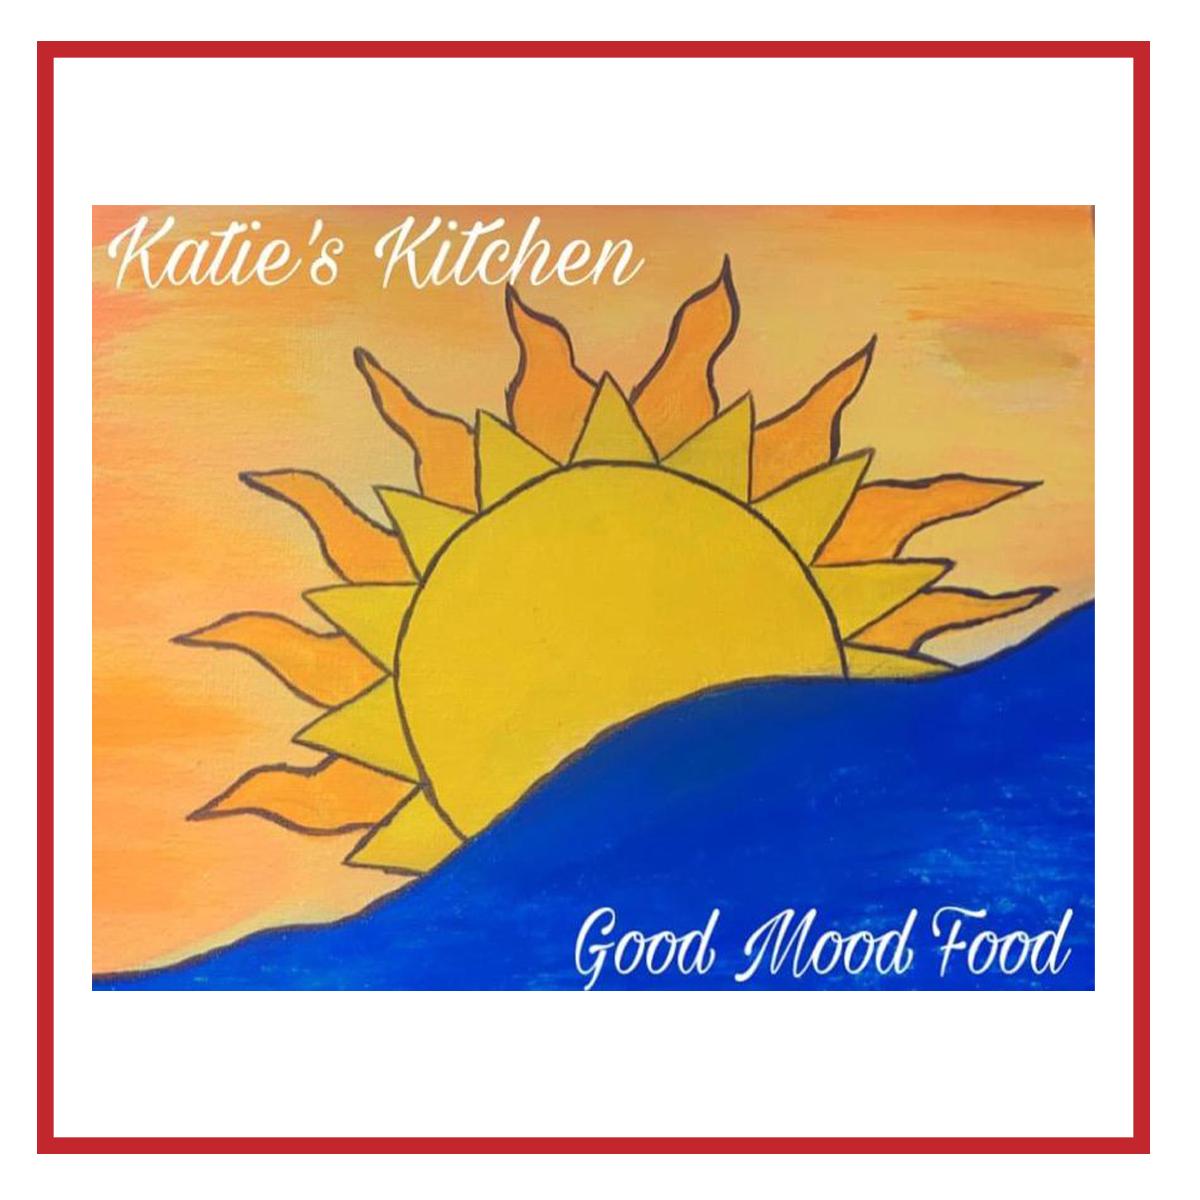 Katie's Kitchen